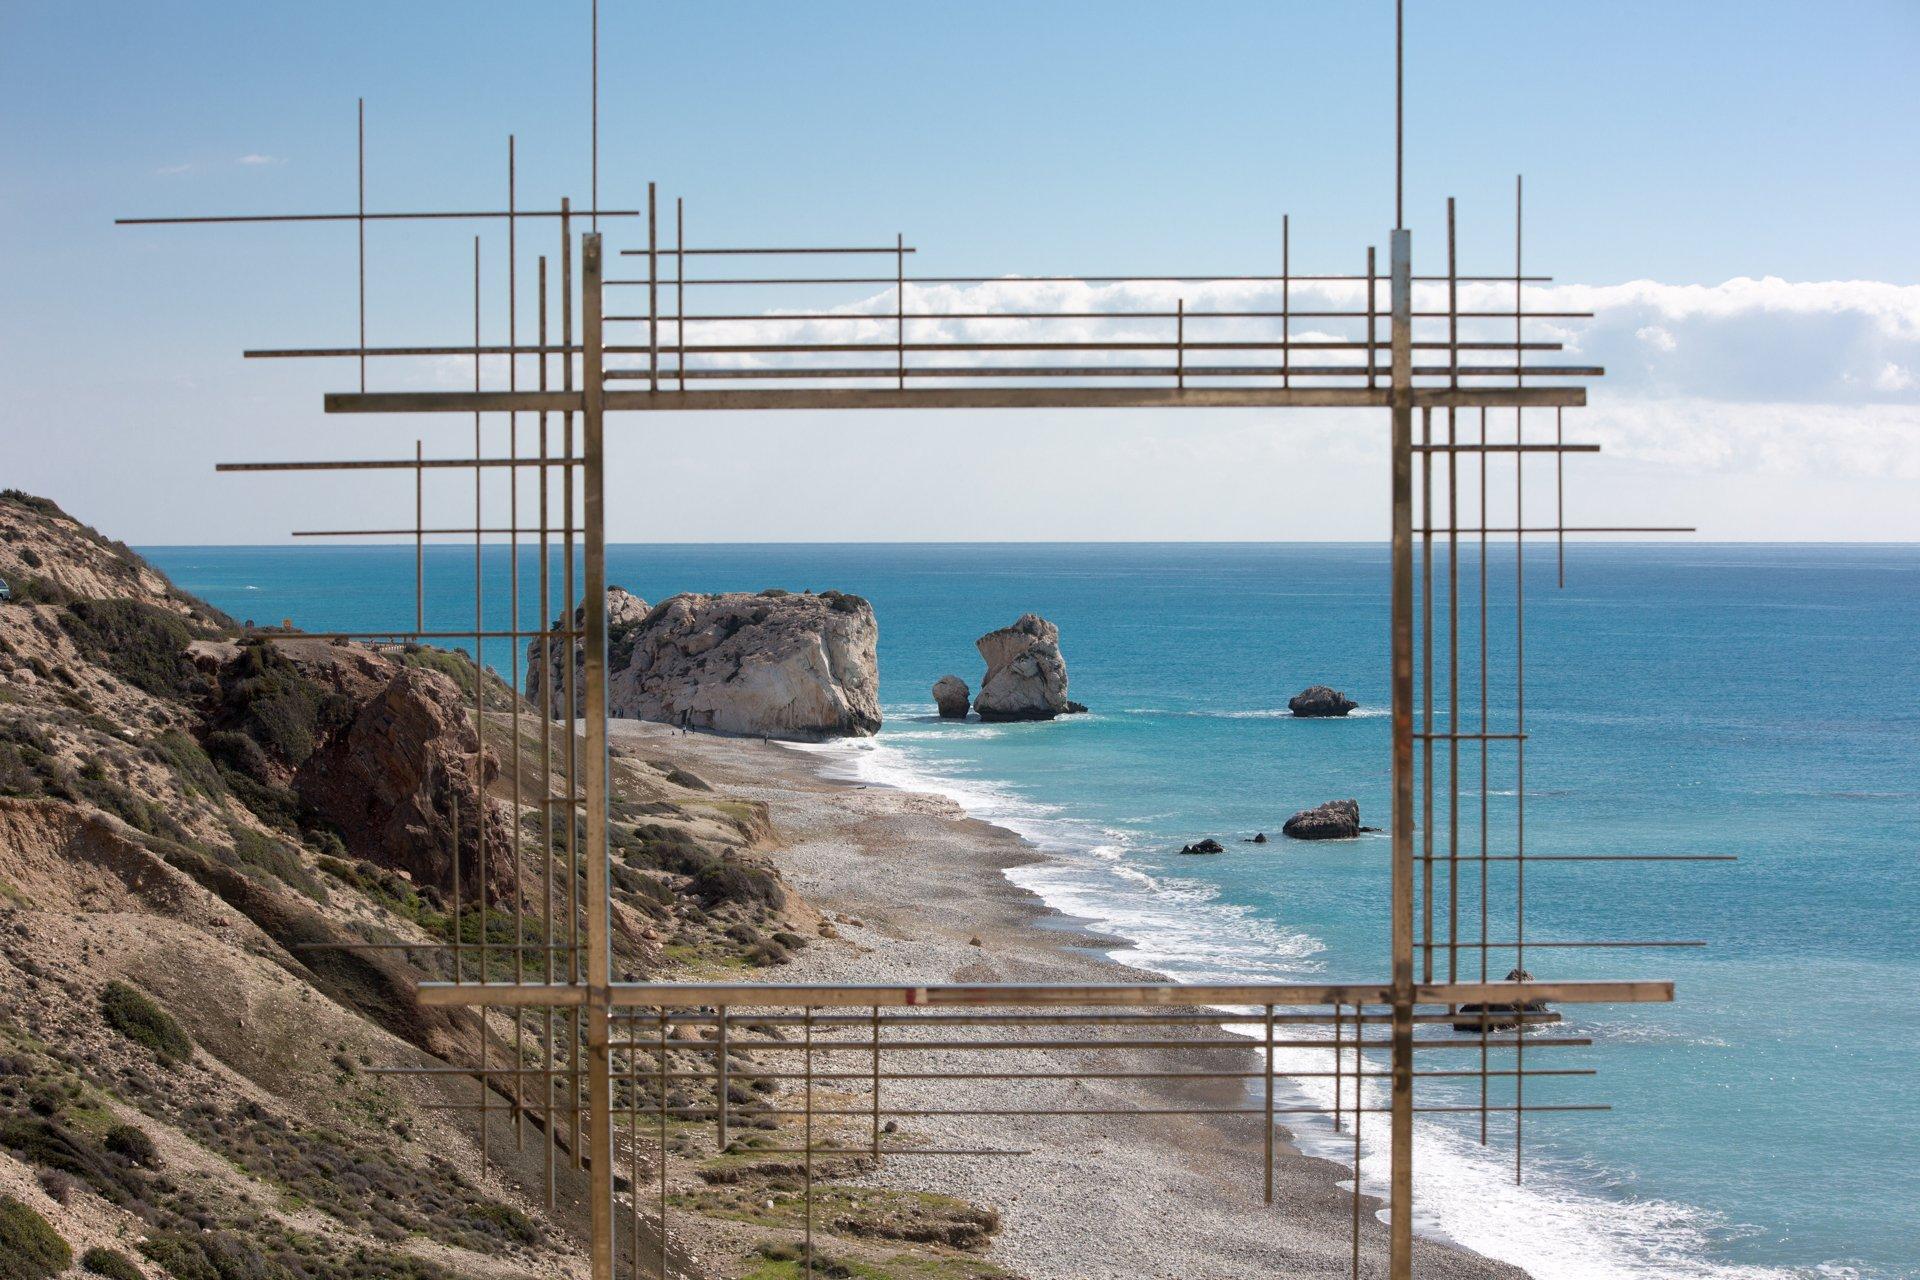 кипр, море, скалы, вид, инсталляция, пейзаж, Илья Беленький